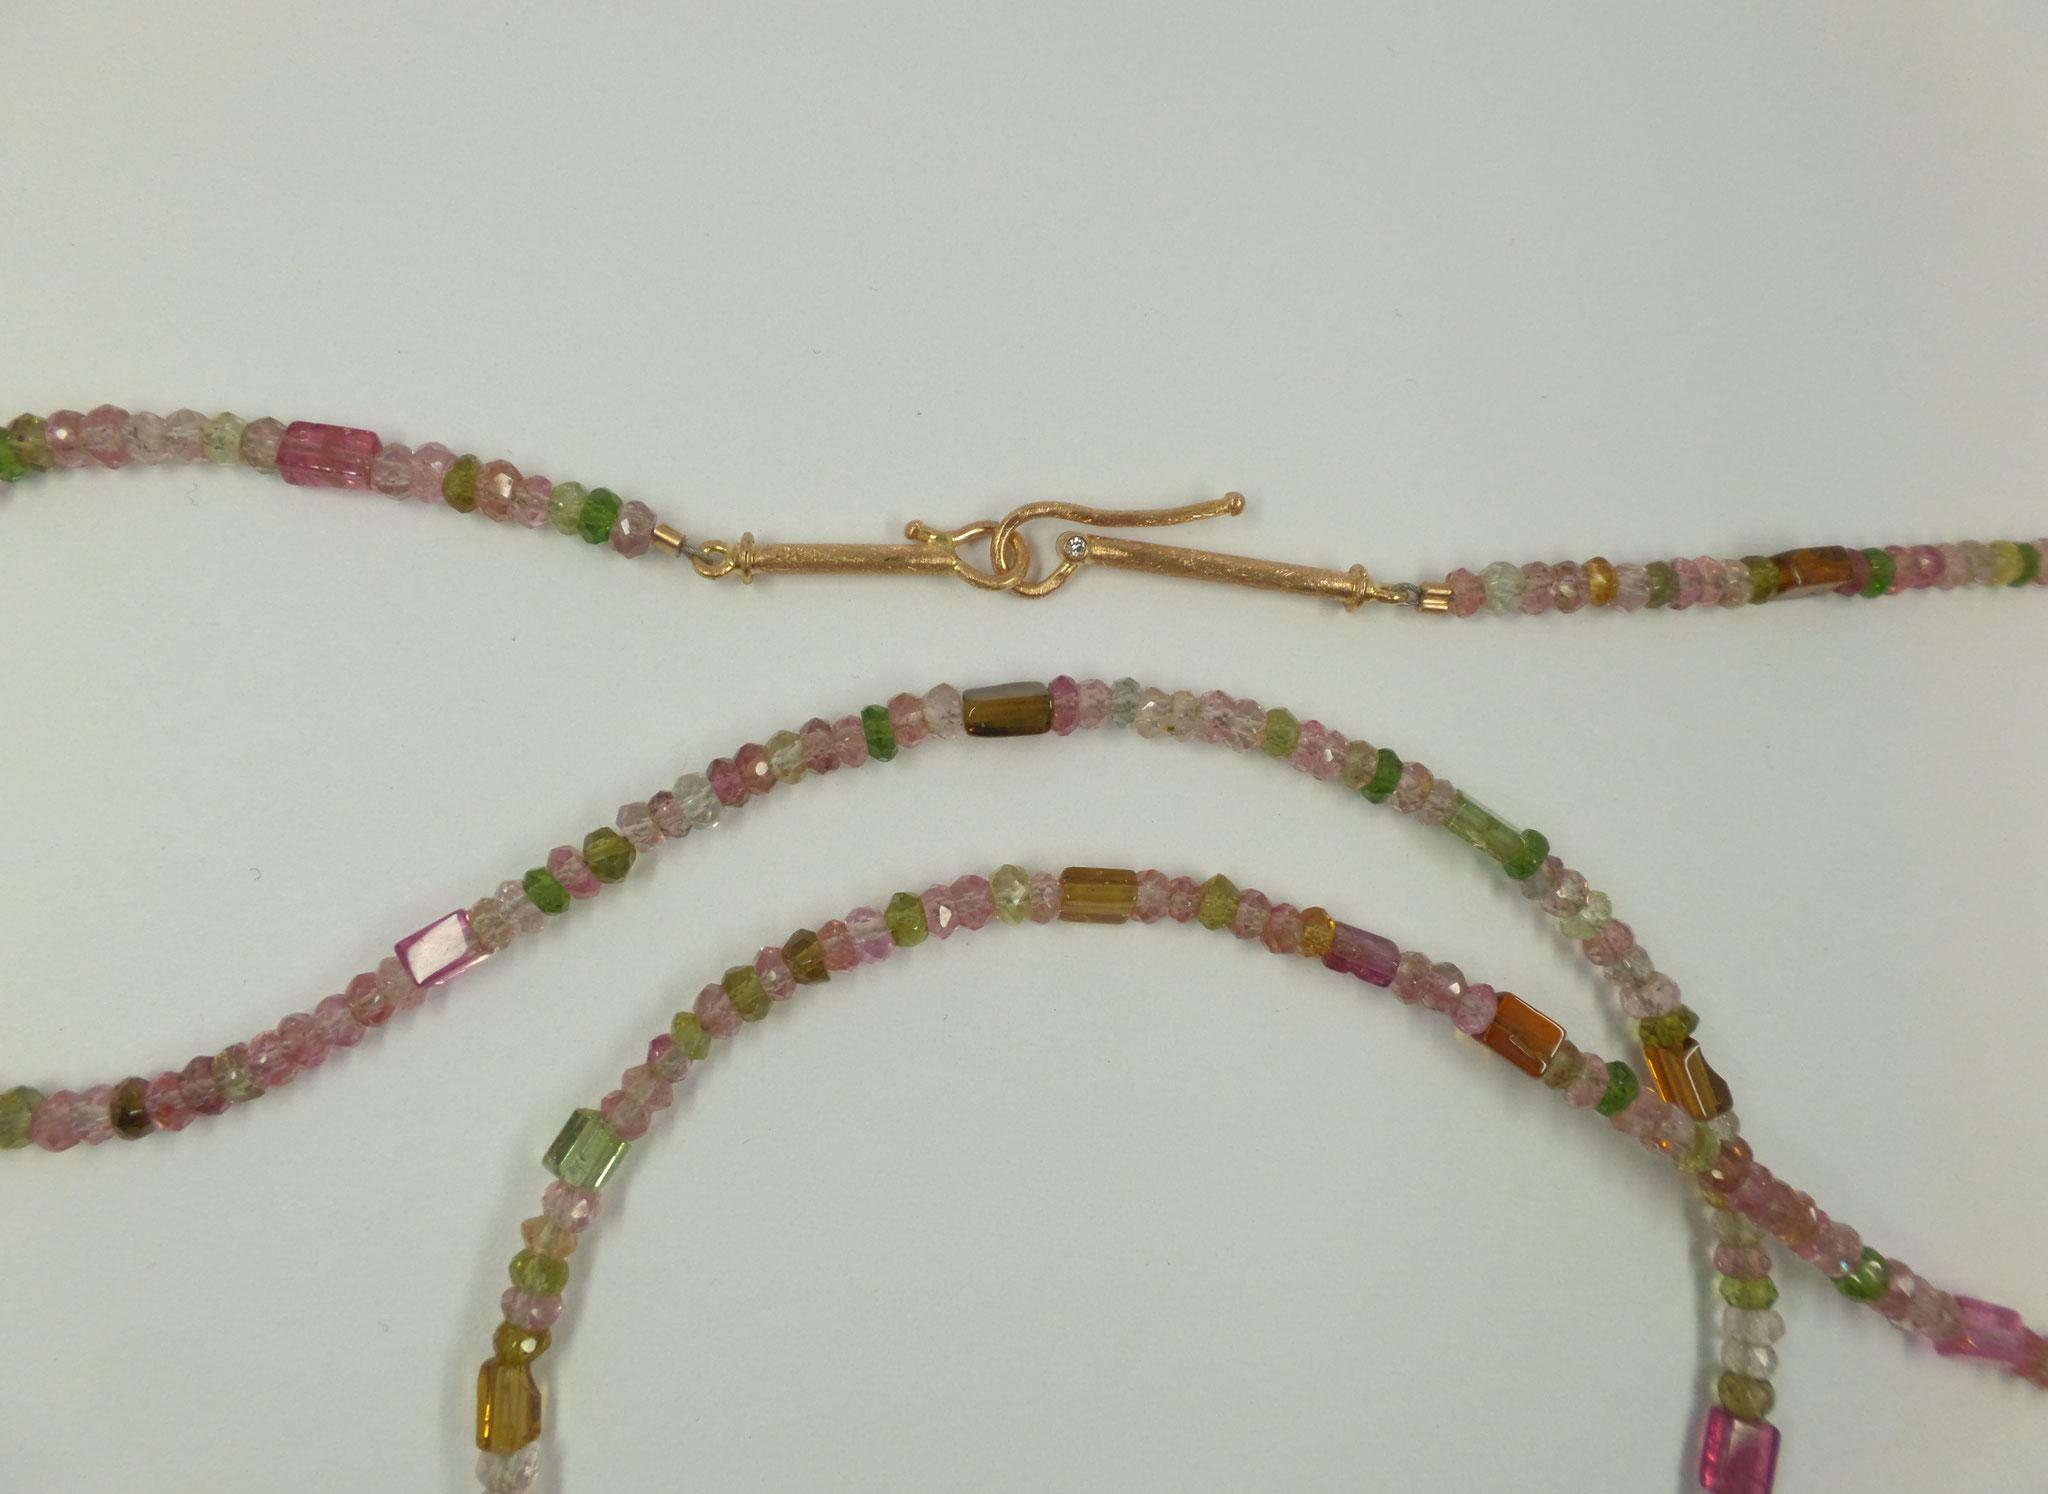 Turmalinkette mit 750/- Rosegoldverschluss